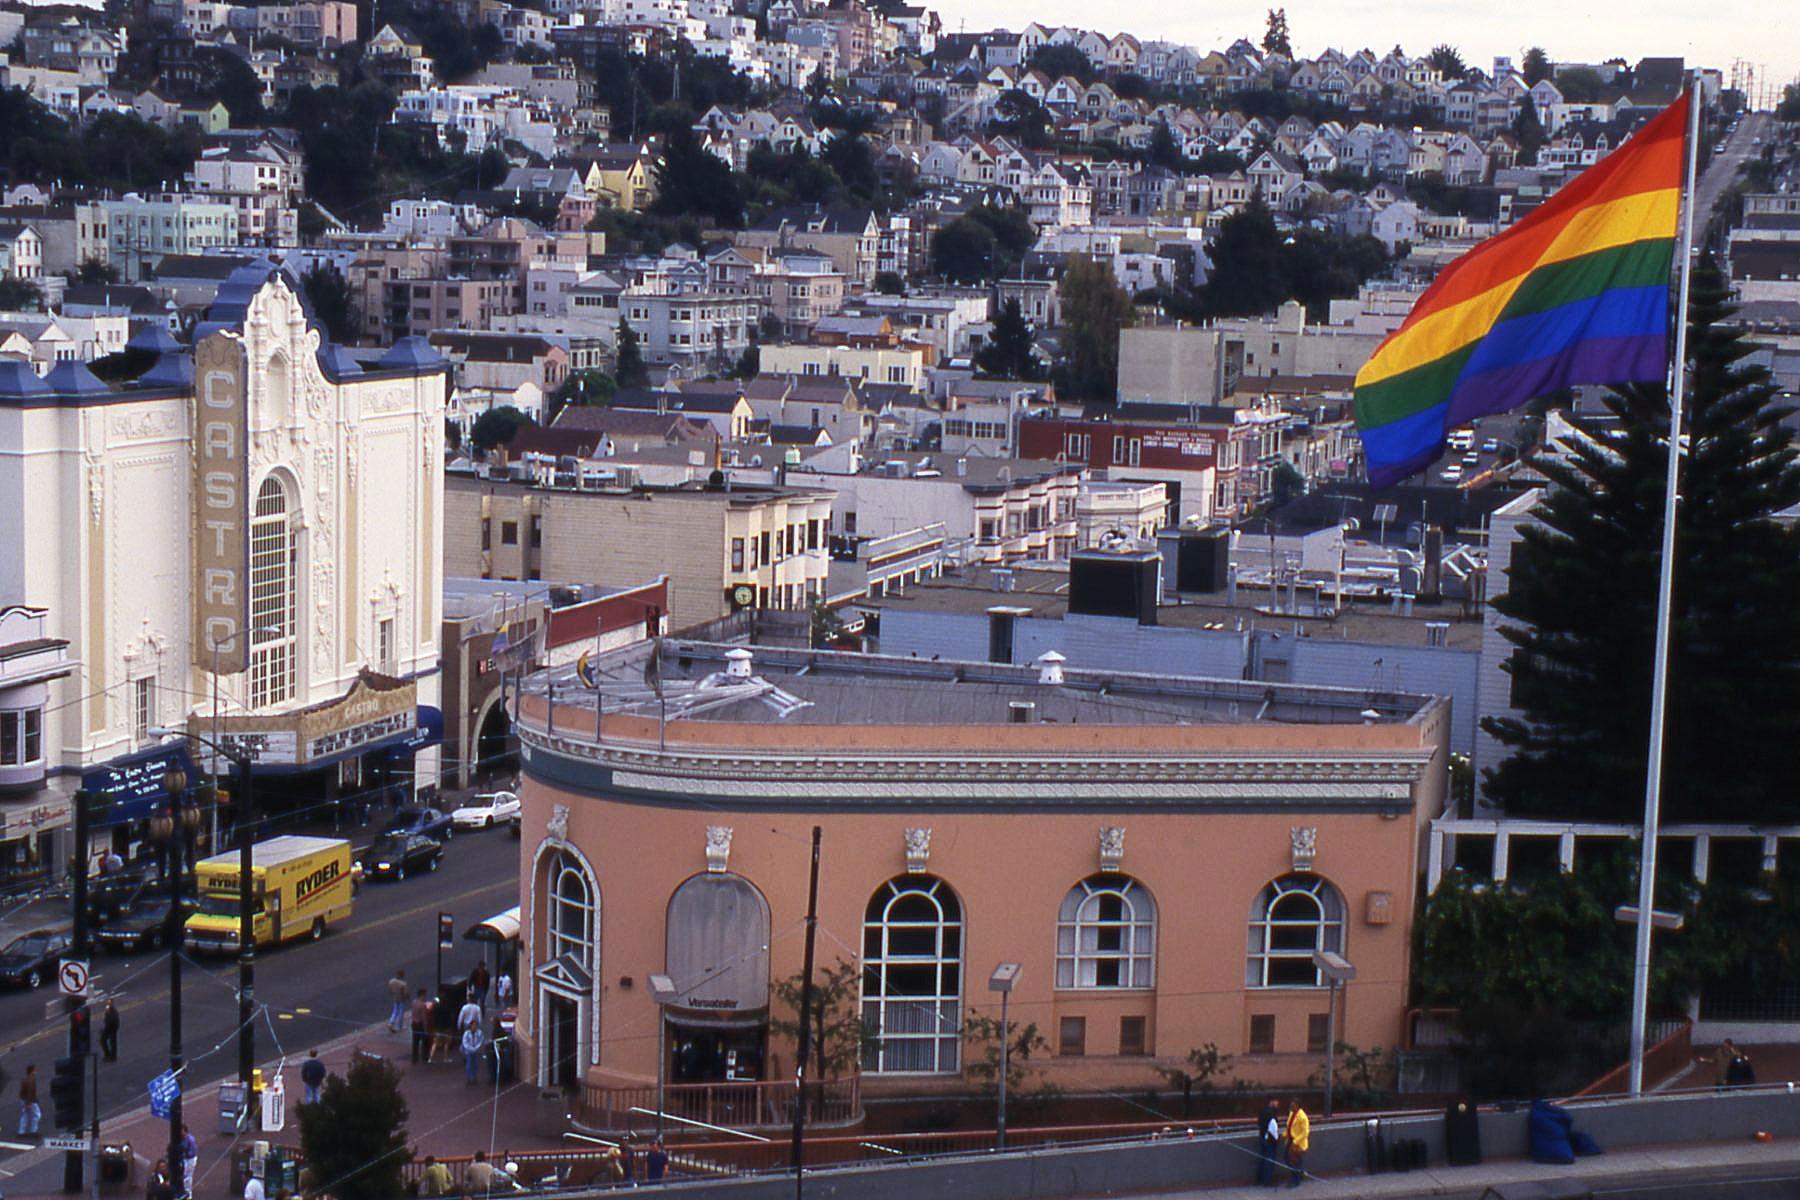 Castro Gay District in San Francisco